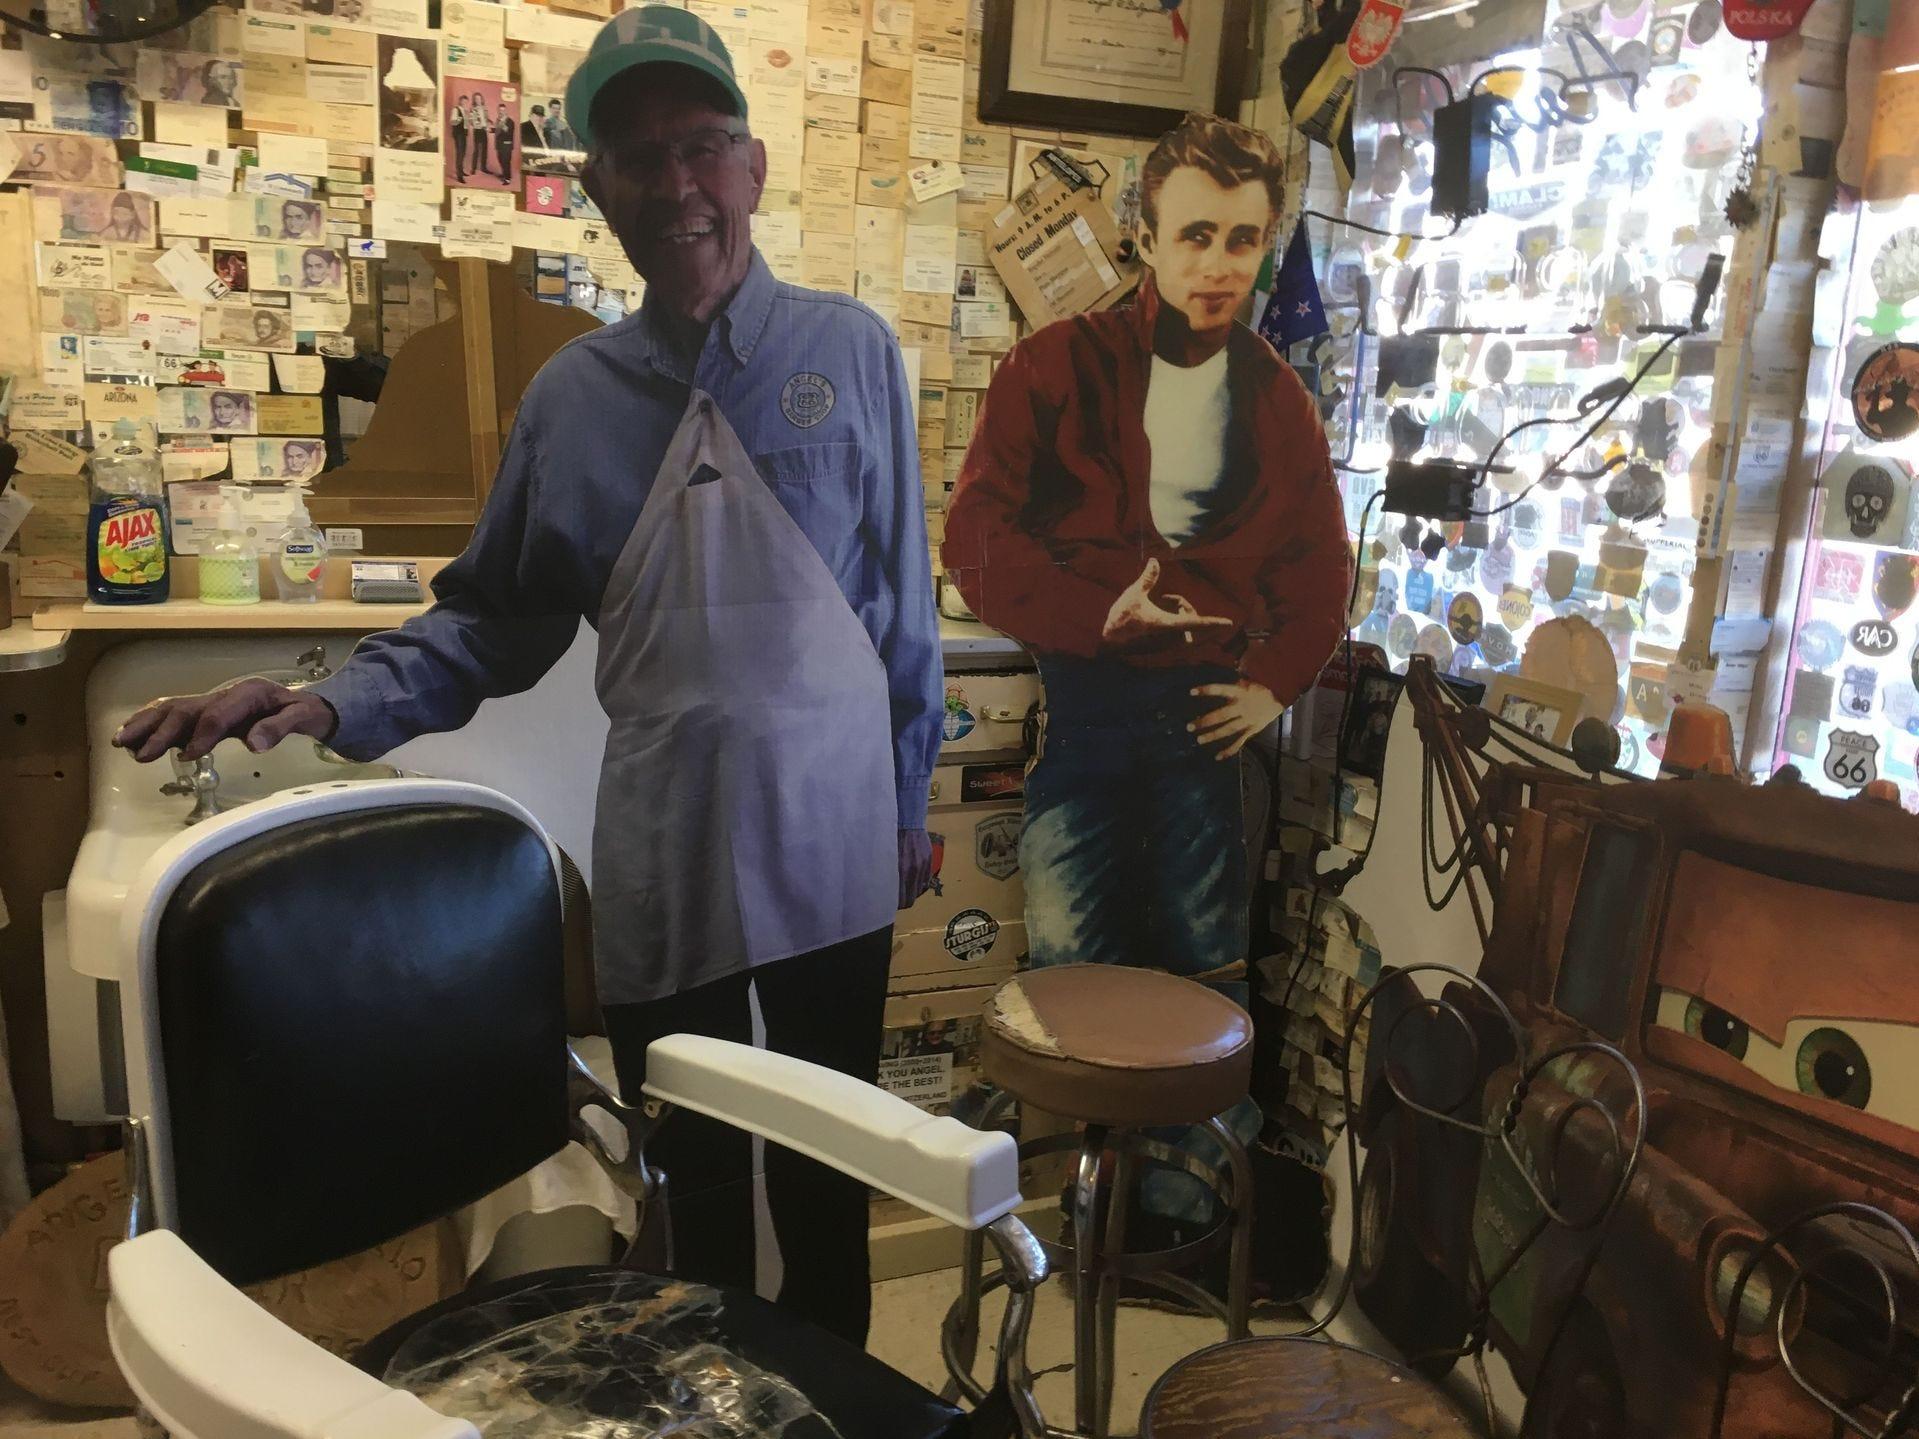 Cuando Ángel Delgadillo no está en su peluquería, su suplente de cartón saluda a los clientes.